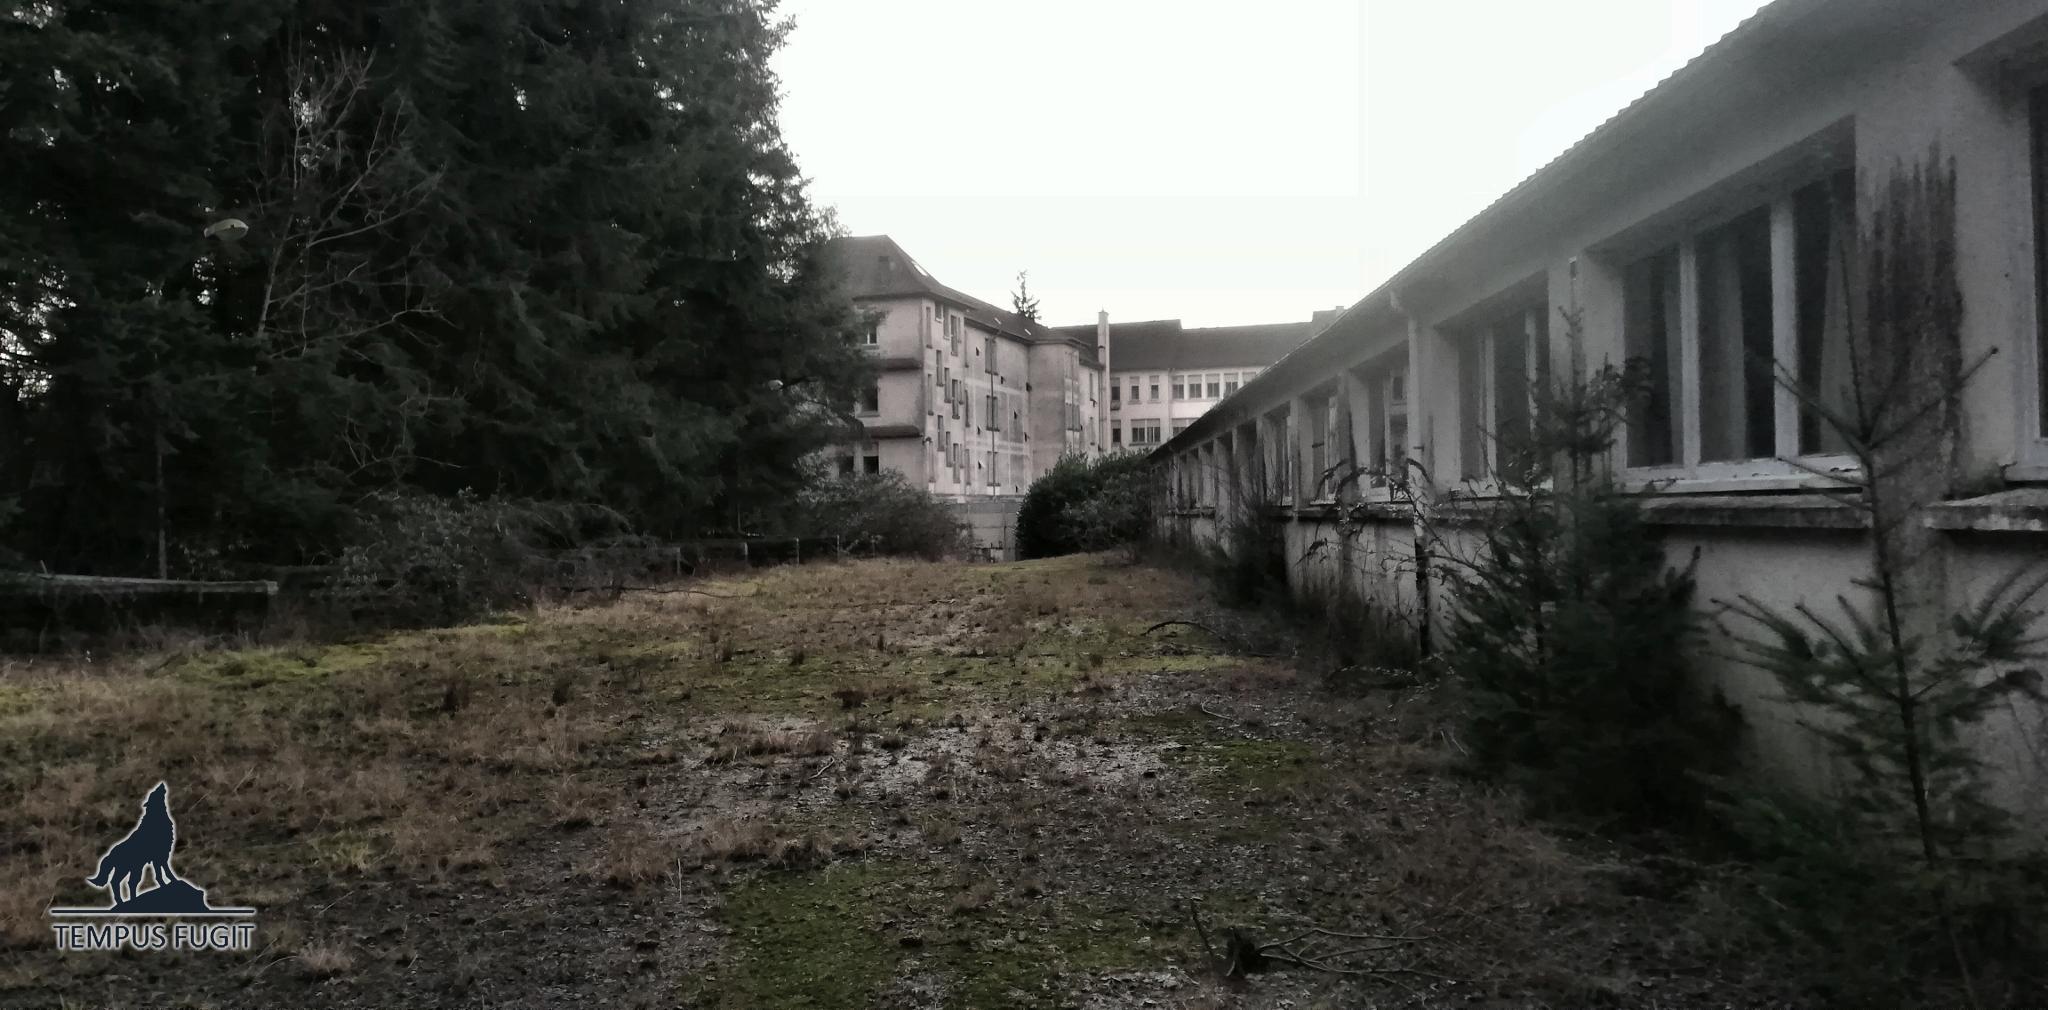 Hopital de l'Espoir